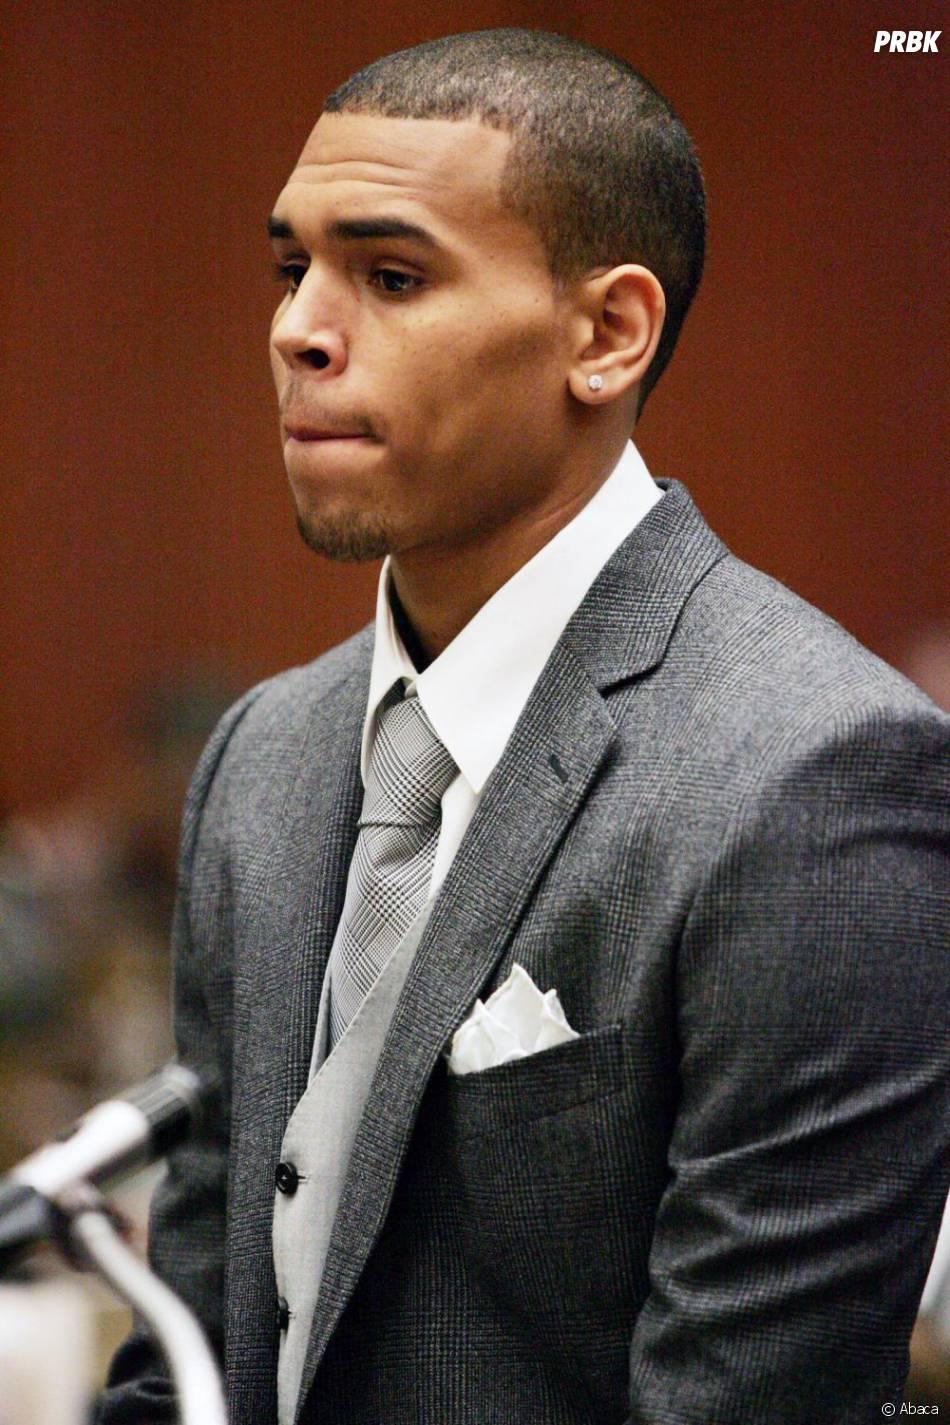 Chris Brown lors de son procès pour coup et blessures contre Rihanna en 2009